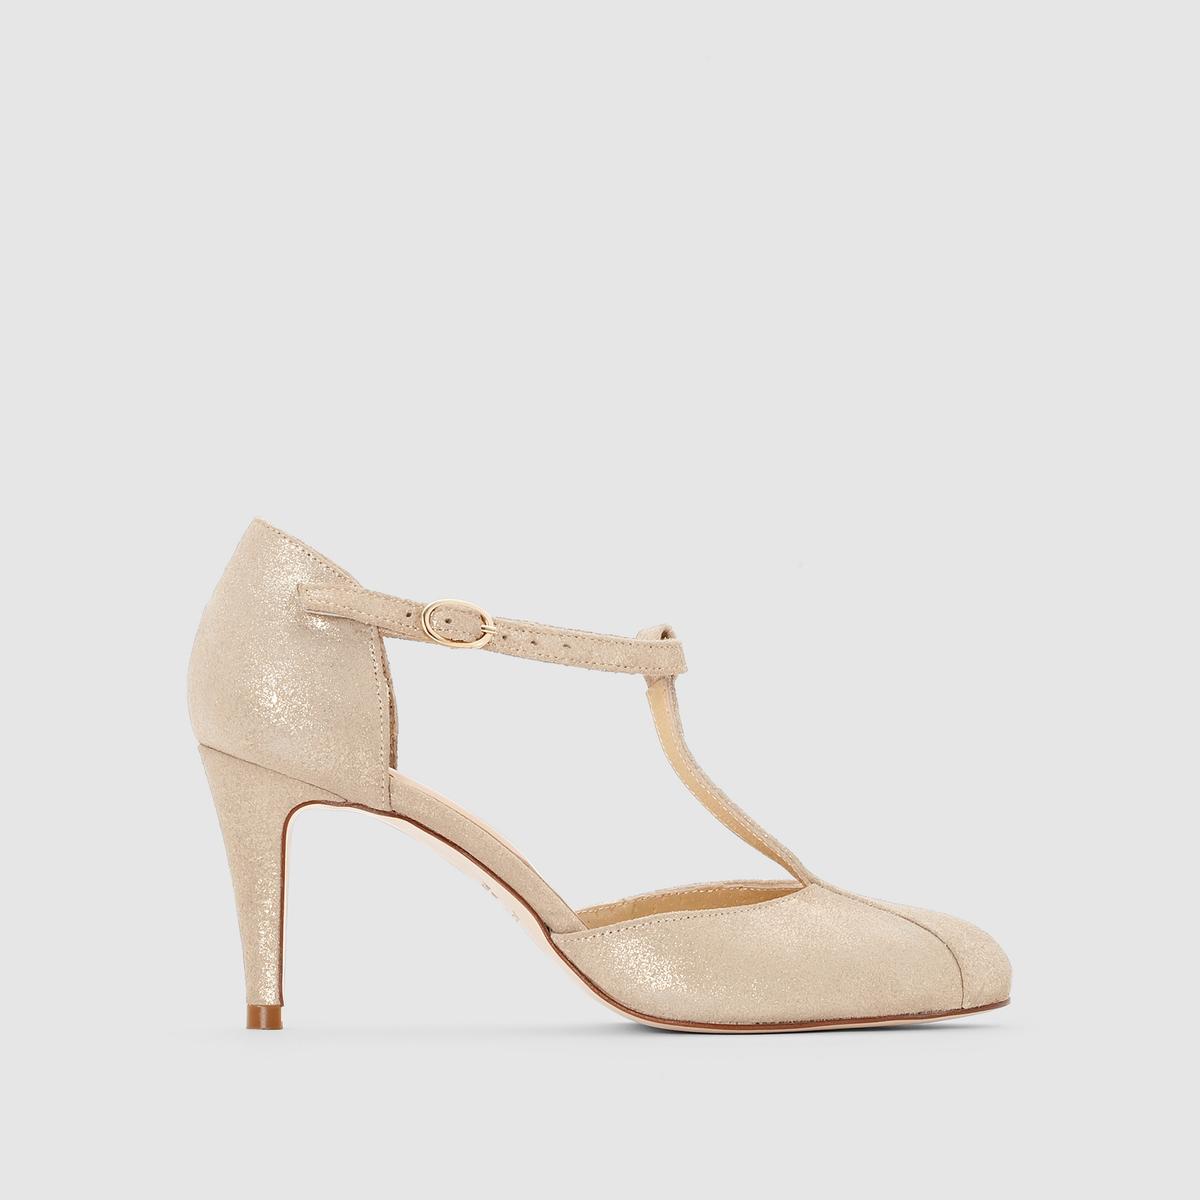 Туфли кожаные на каблуке, с пряжкой, ALIBISПодкладка: кожа.    Стелька: кожа.       Подошва: эластомер.       Форма каблука: шпилька.Мысок: острый.Застежка: Ремешок/пряжка.<br><br>Цвет: Платиновый